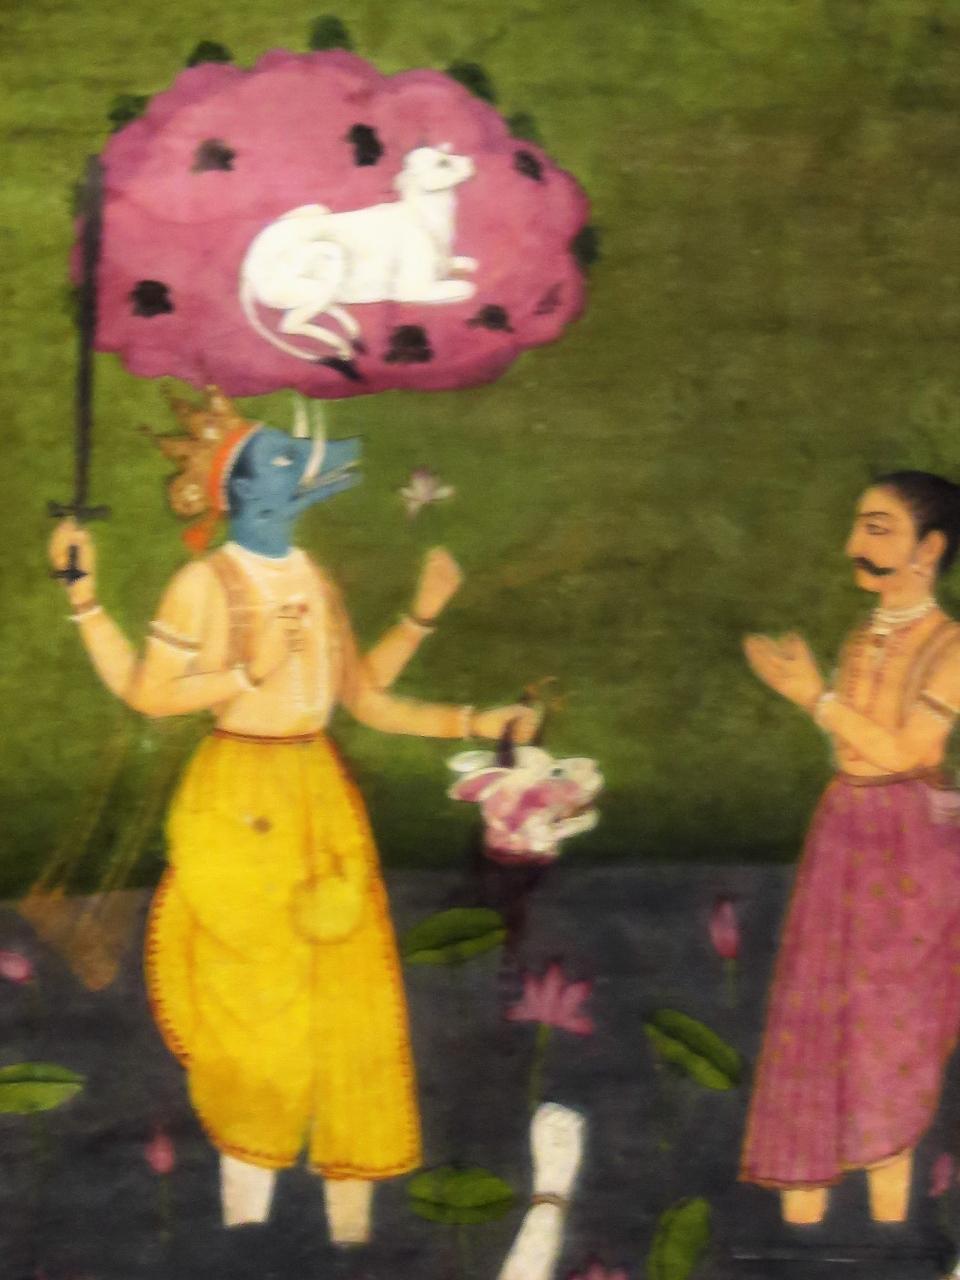 東博初詣-16 東洋館 インドの細密画 ☆ムガル王朝時代(16~19世紀)に制作